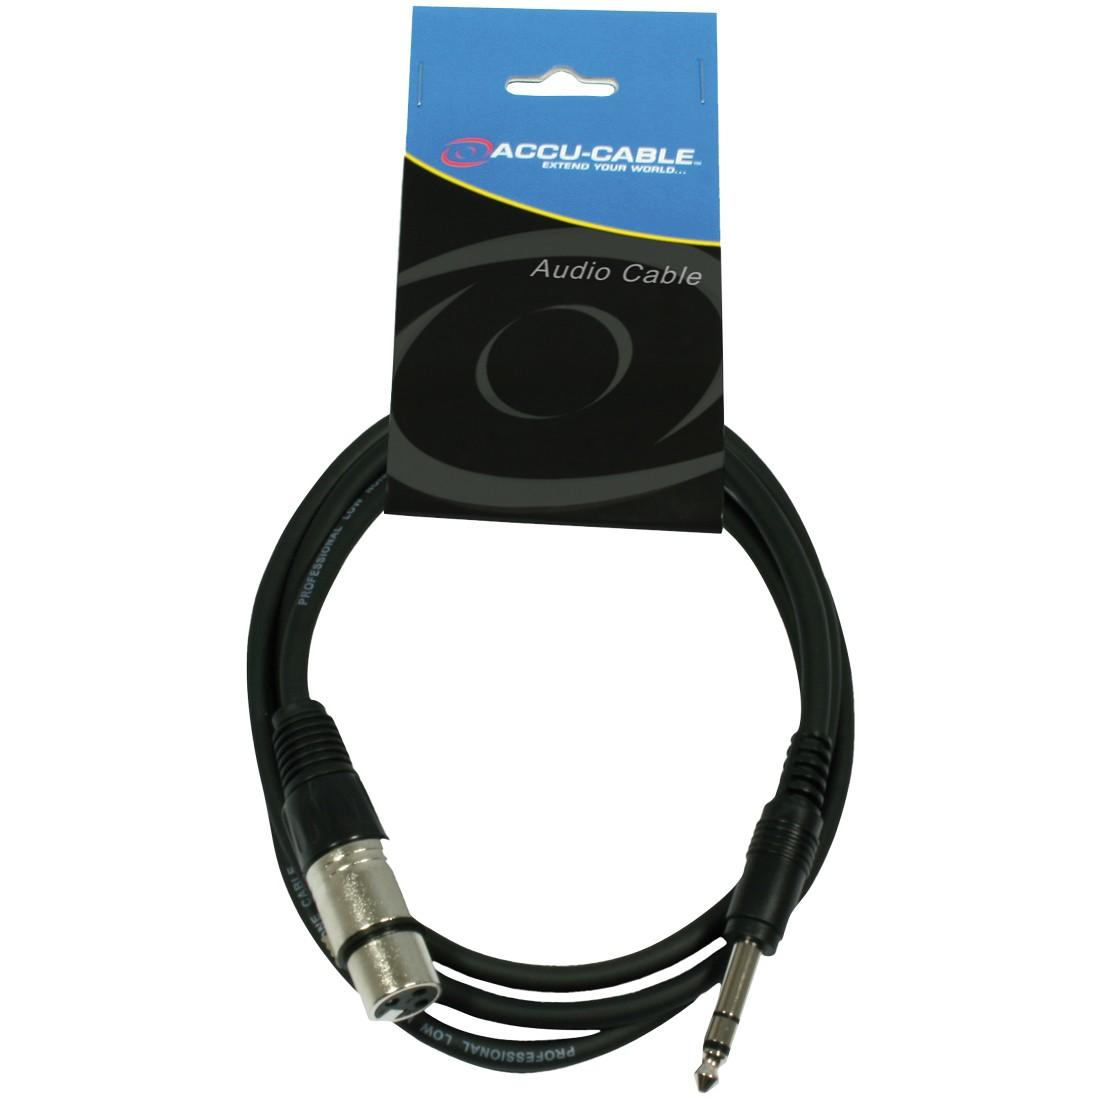 cable XLR 3 broches Femelle vers JACK 6.35 mâle symetrique 1m5 noir